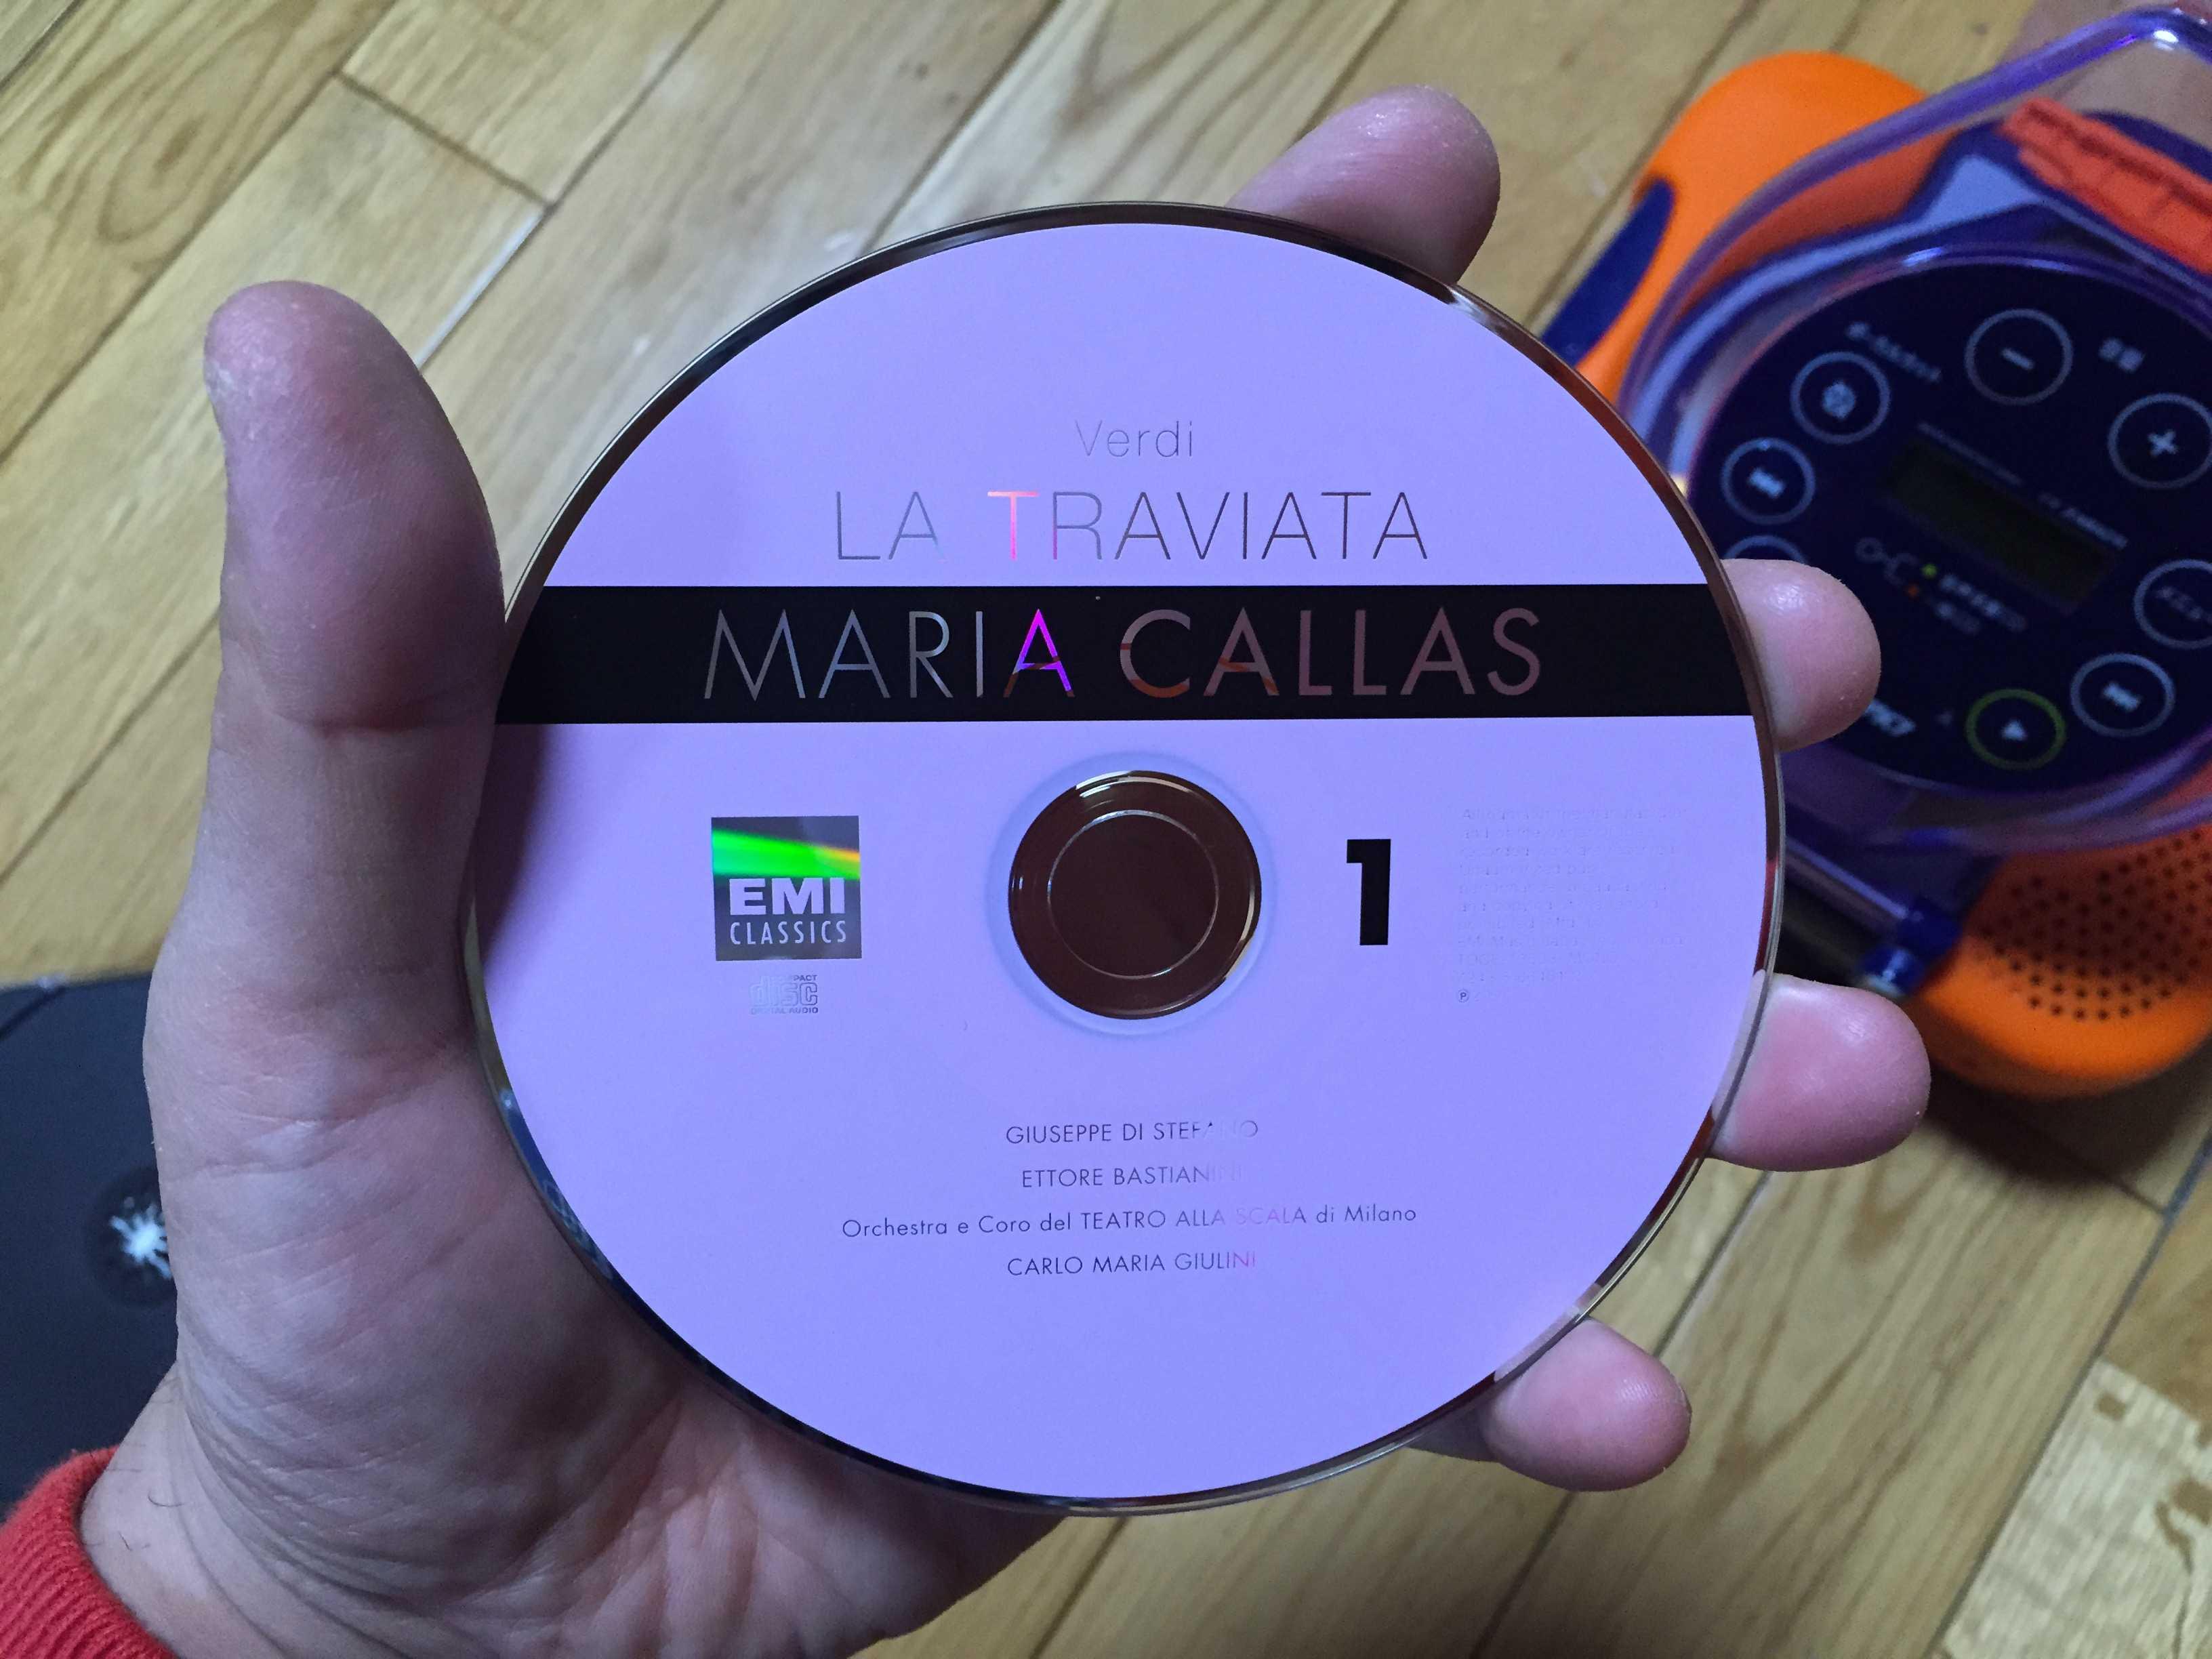 Verdi LA TRAVIATA - MARIA CALLAS